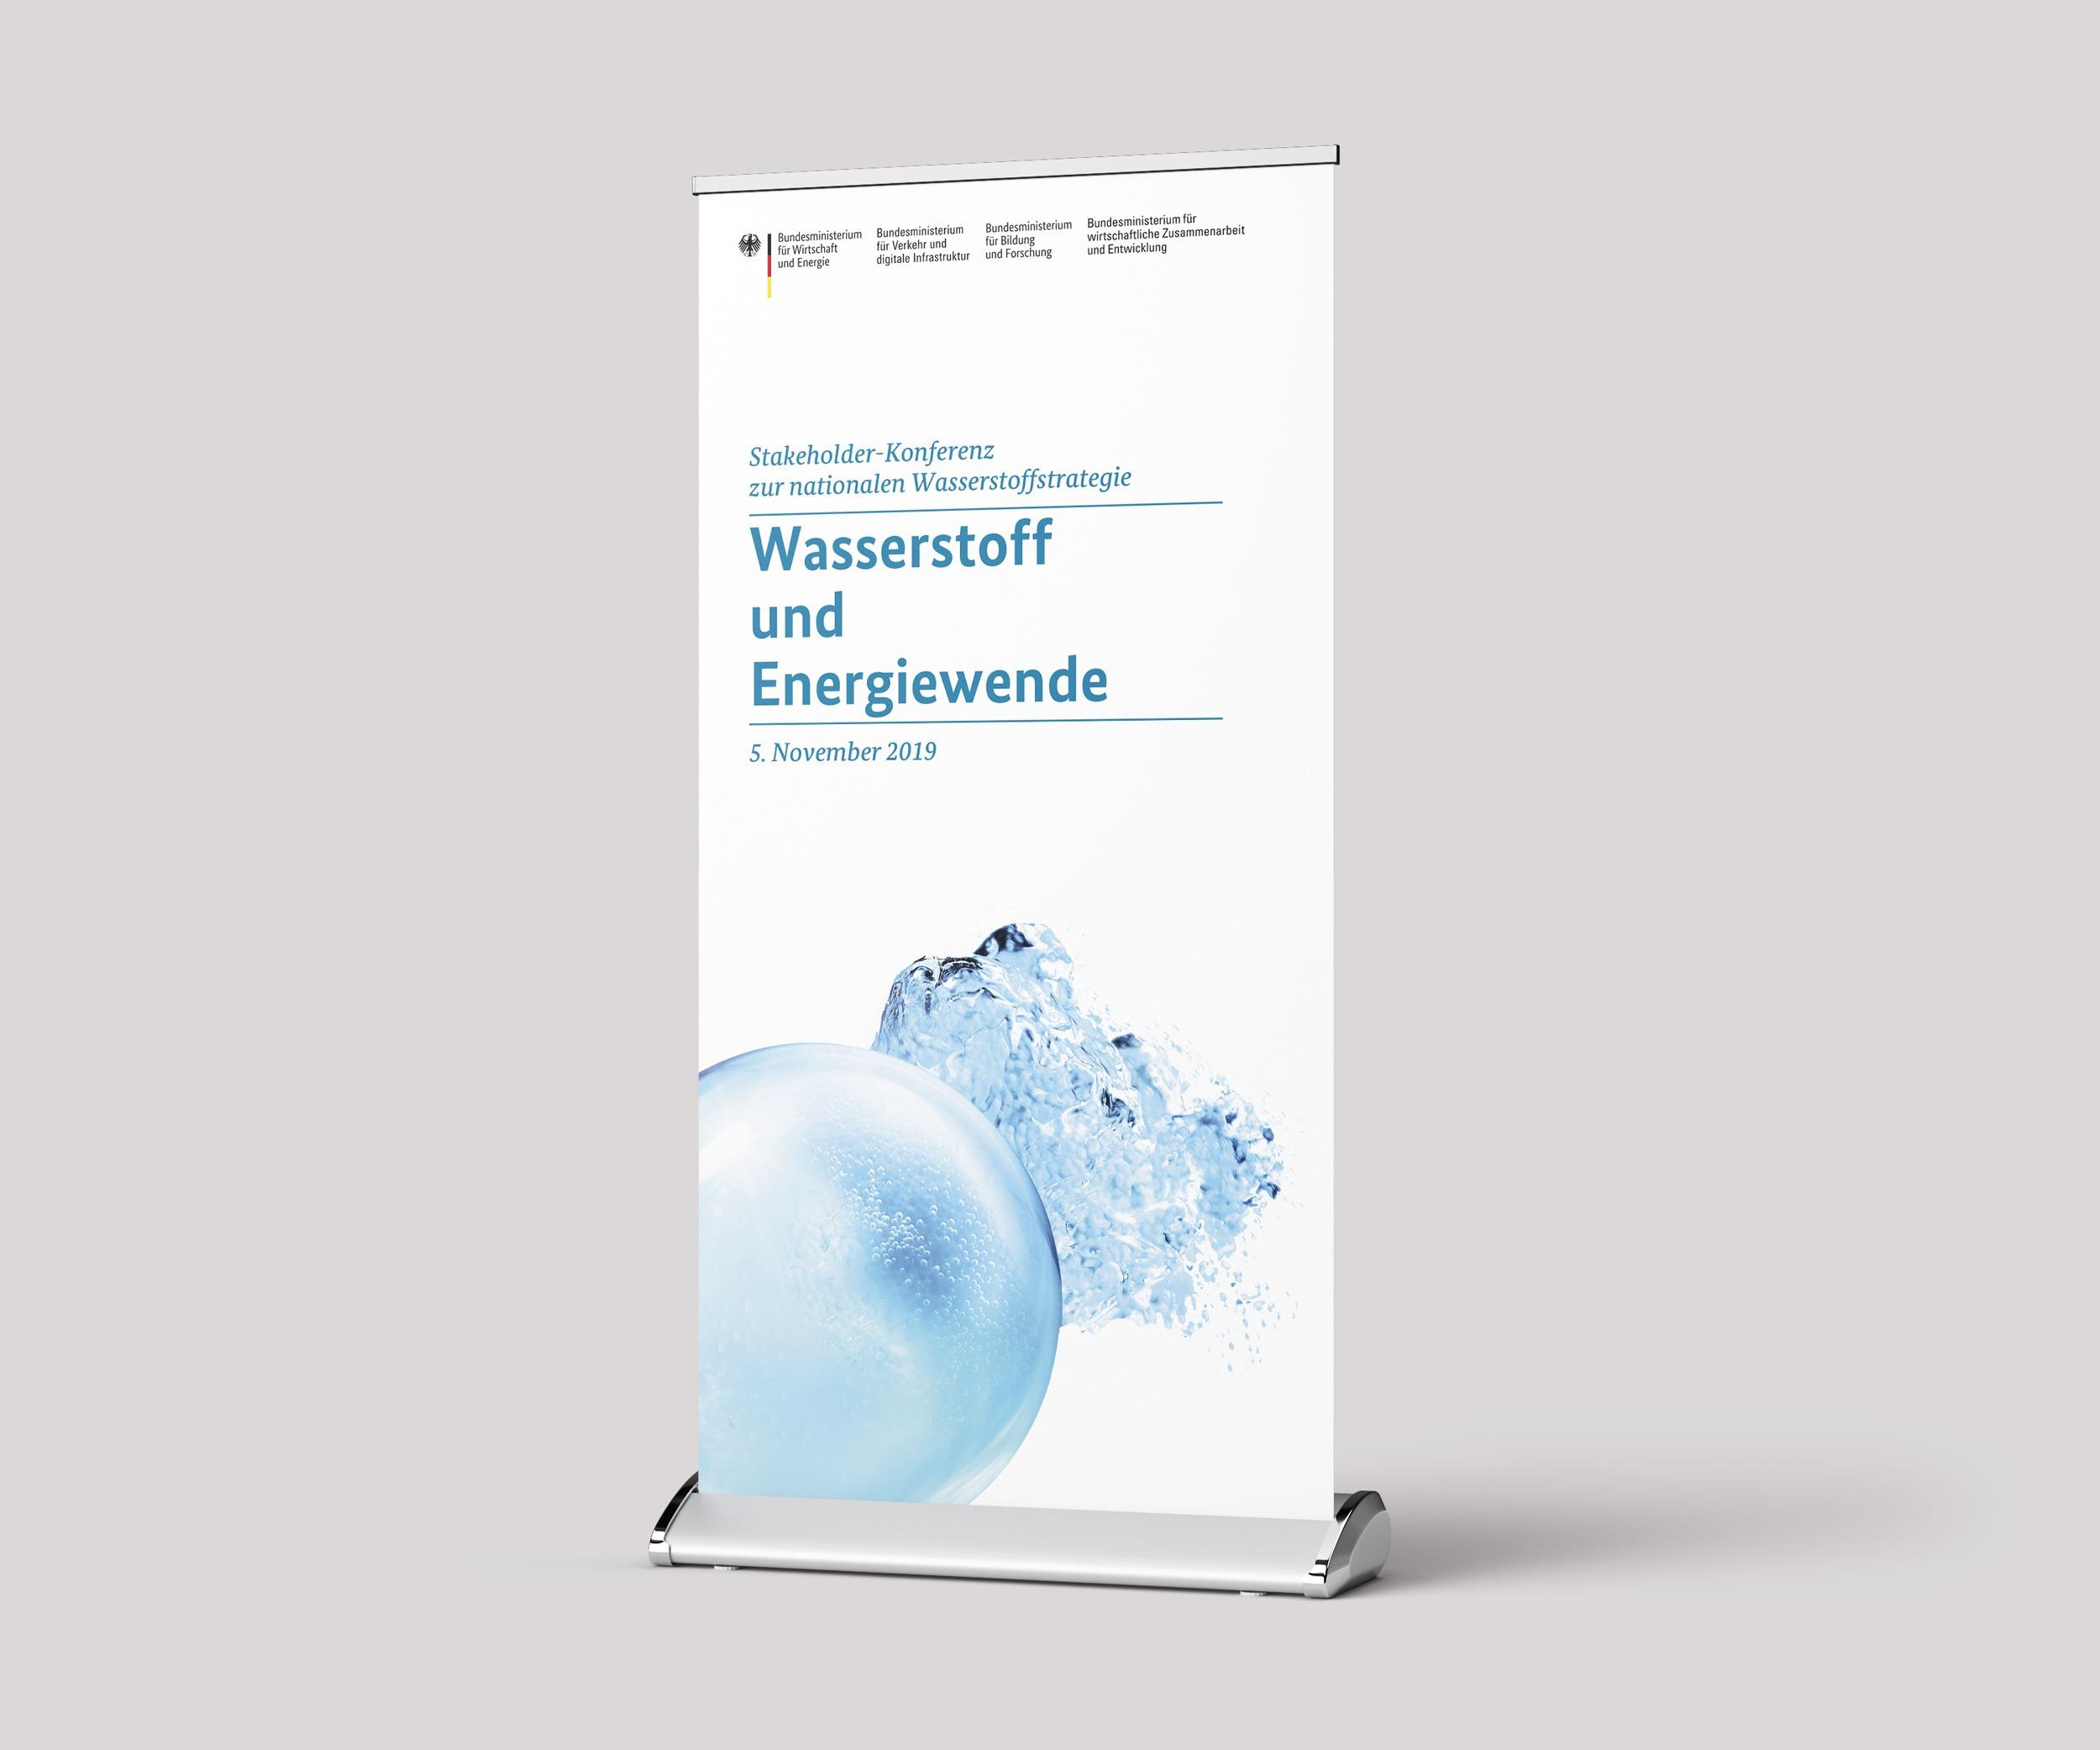 """dena – Rollup auf der Konferenz """"Wasserstoff und Energiewende"""""""